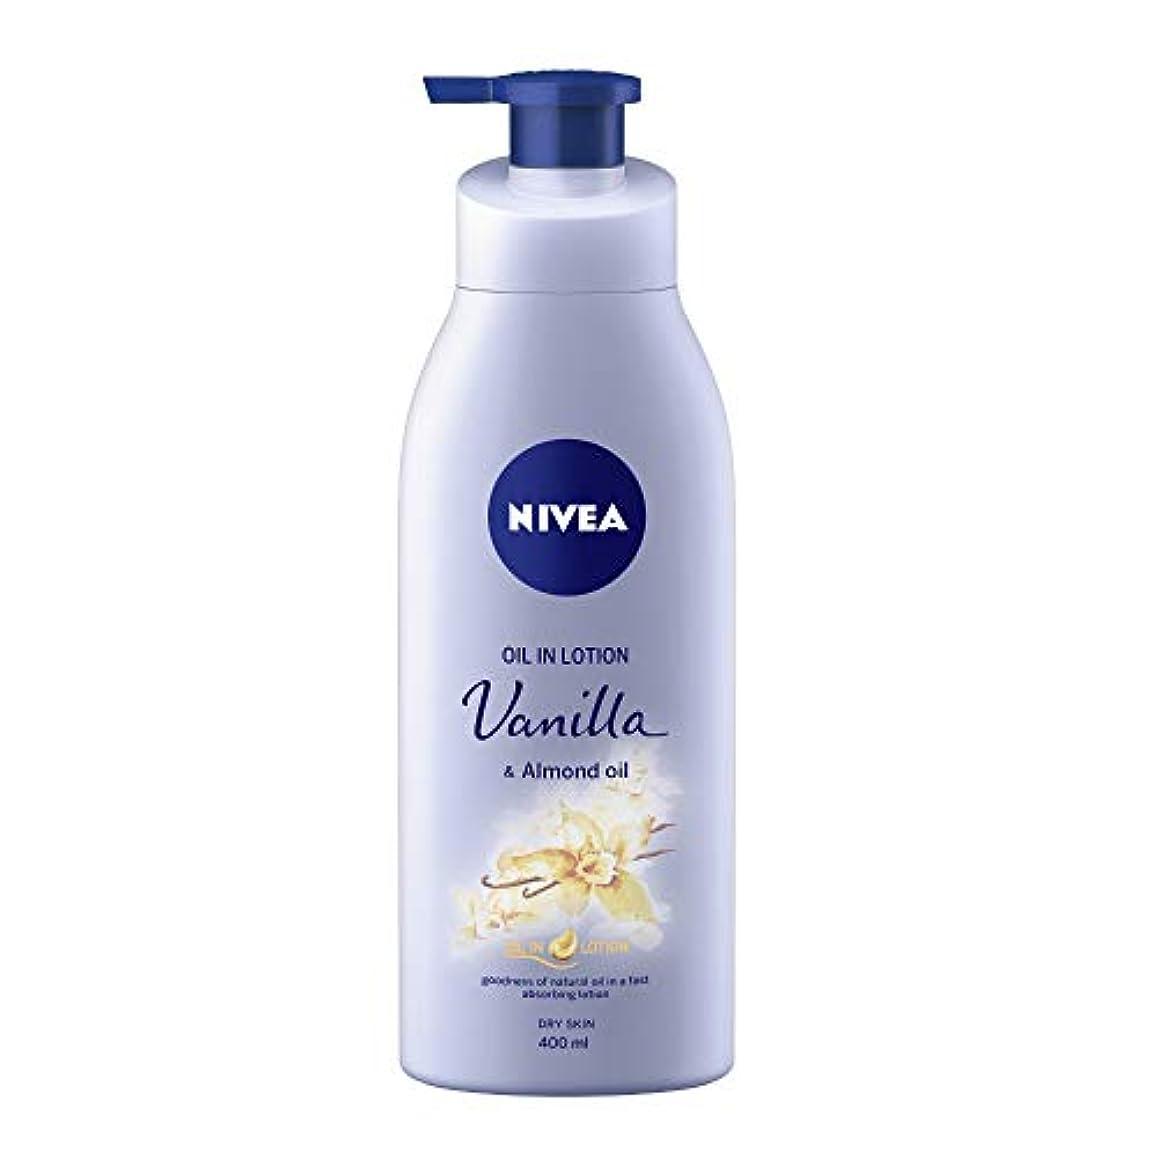 診断する先祖現像NIVEA Oil in Lotion, Vanilla and Almond Oil, 400ml